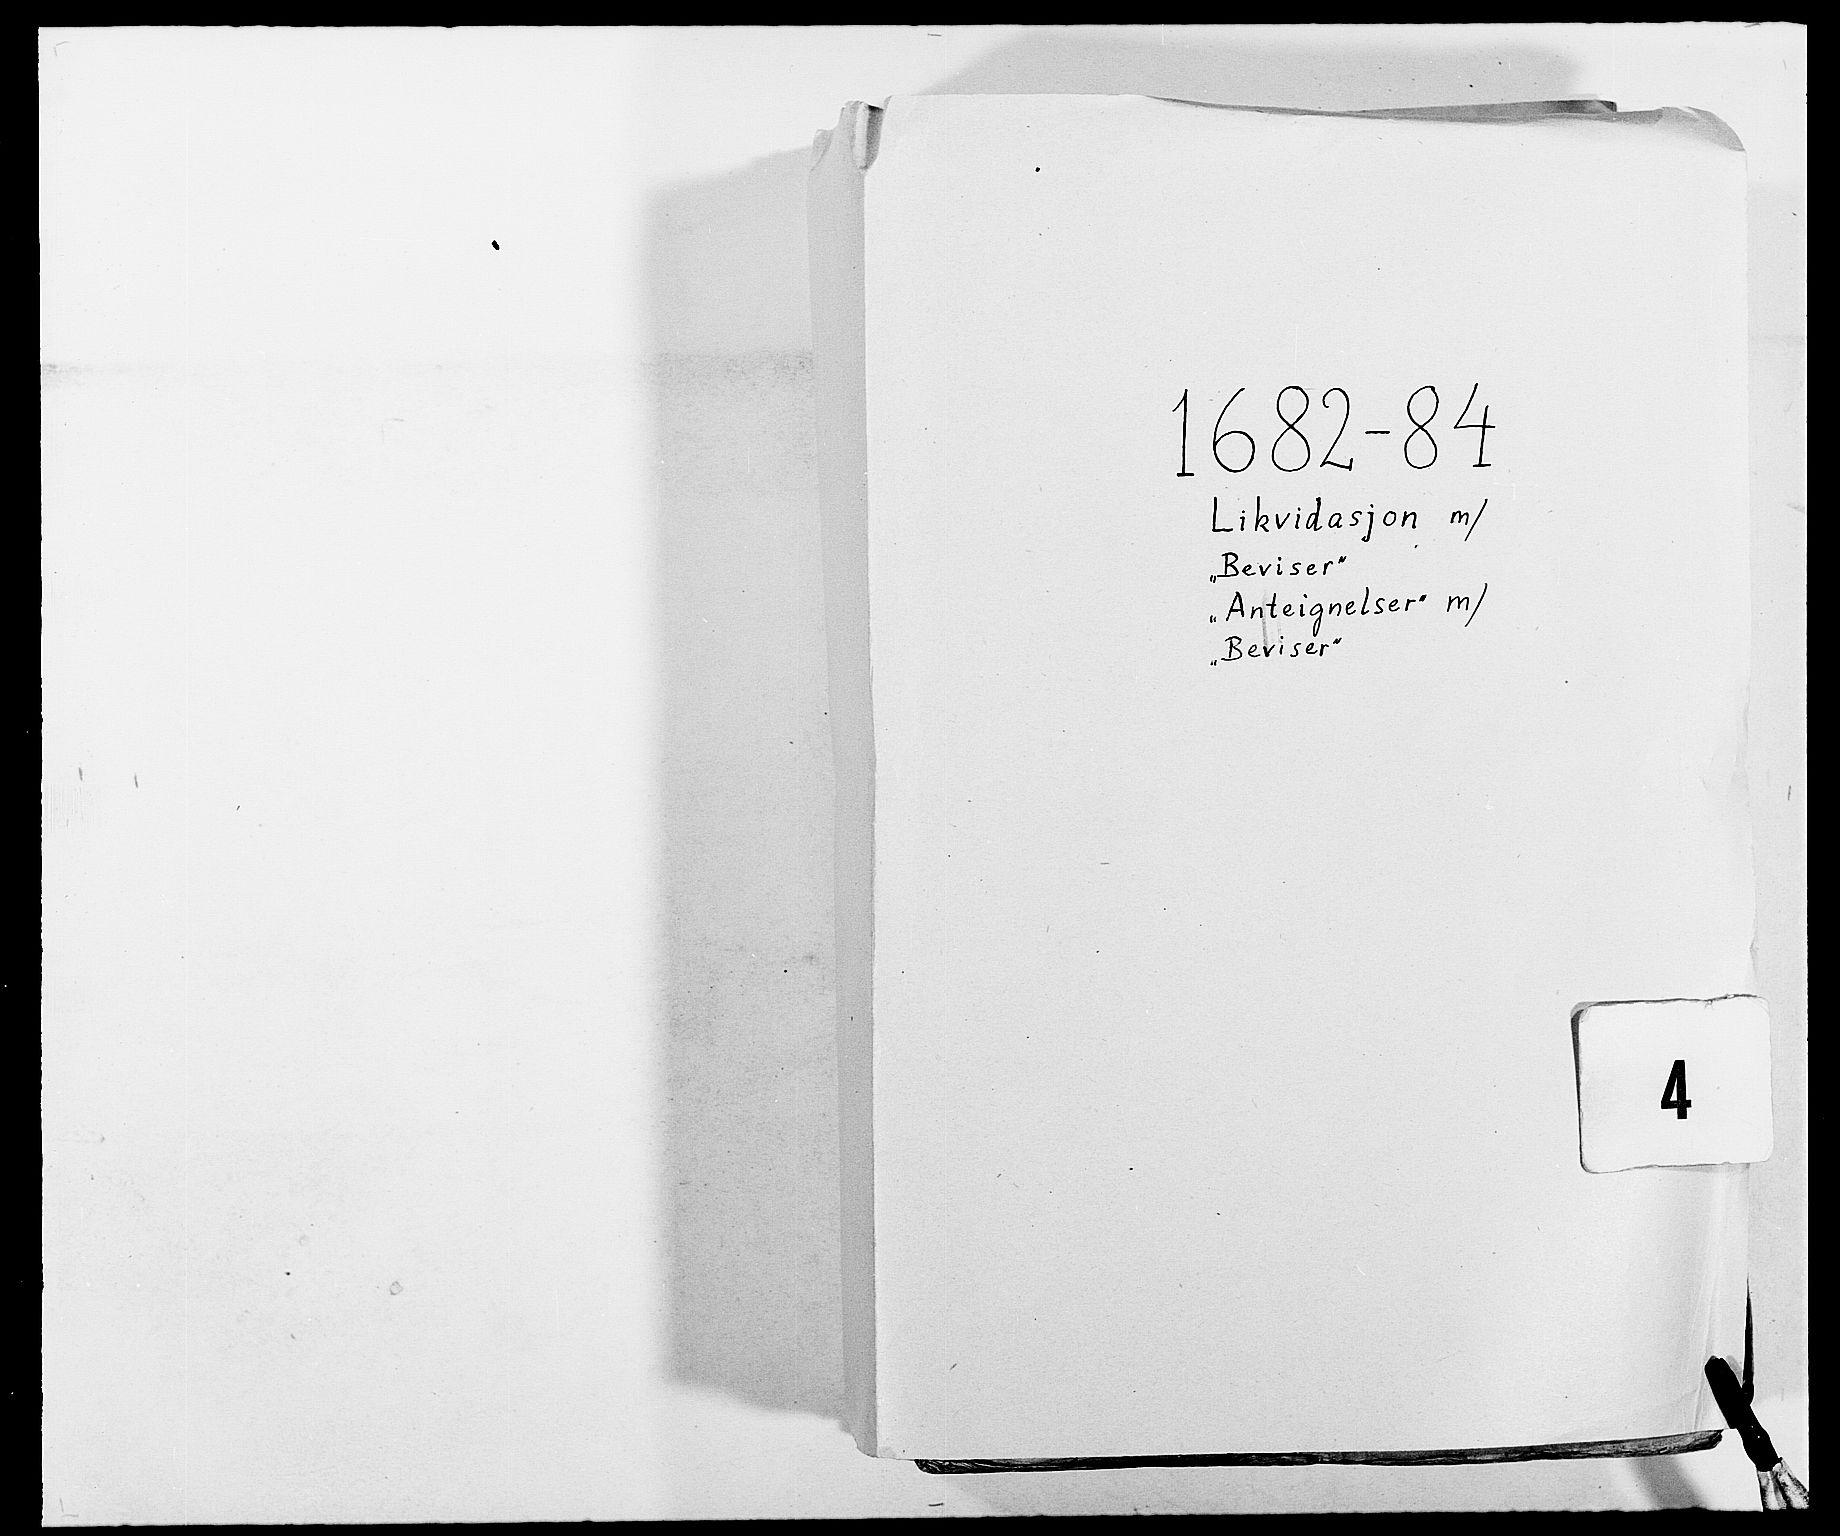 RA, Rentekammeret inntil 1814, Reviderte regnskaper, Fogderegnskap, R02/L0104: Fogderegnskap Moss og Verne kloster, 1682-1684, s. 1